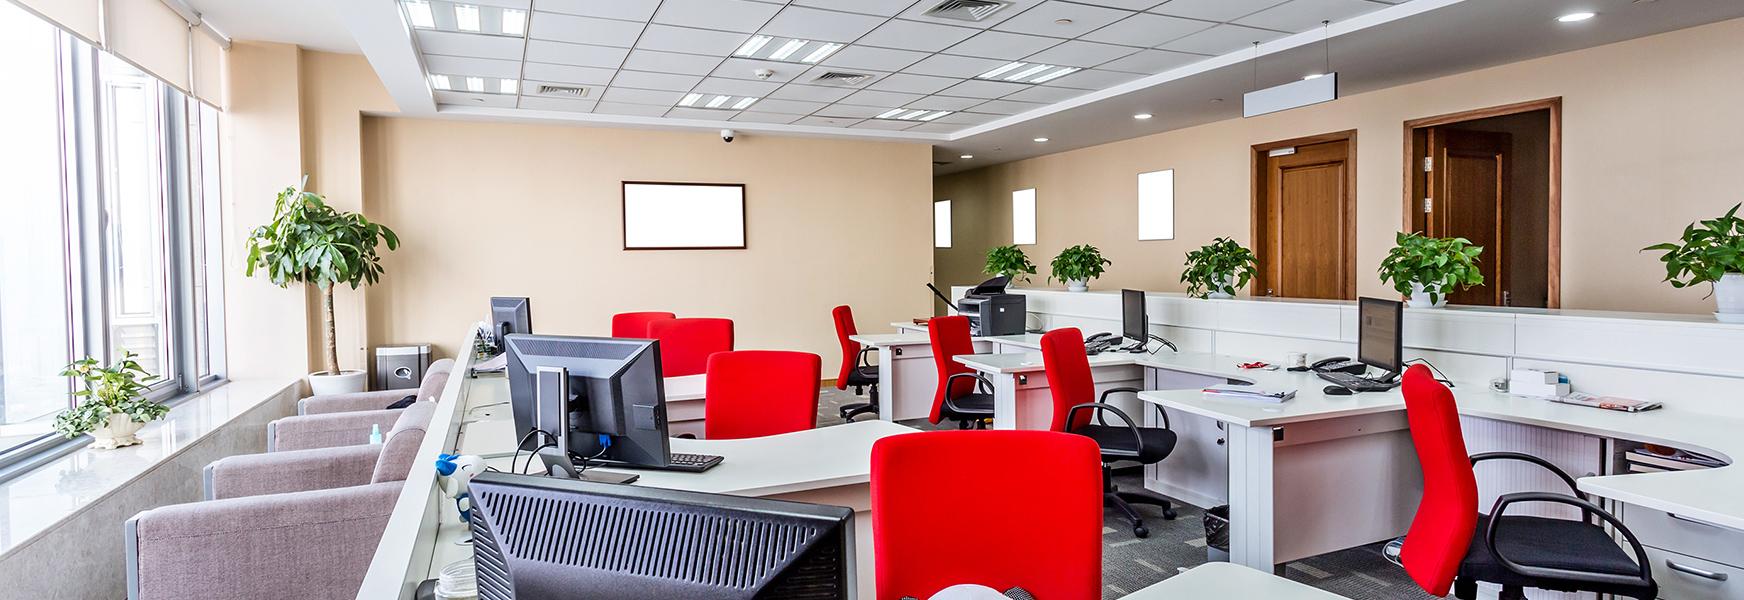 Well-lit modern office